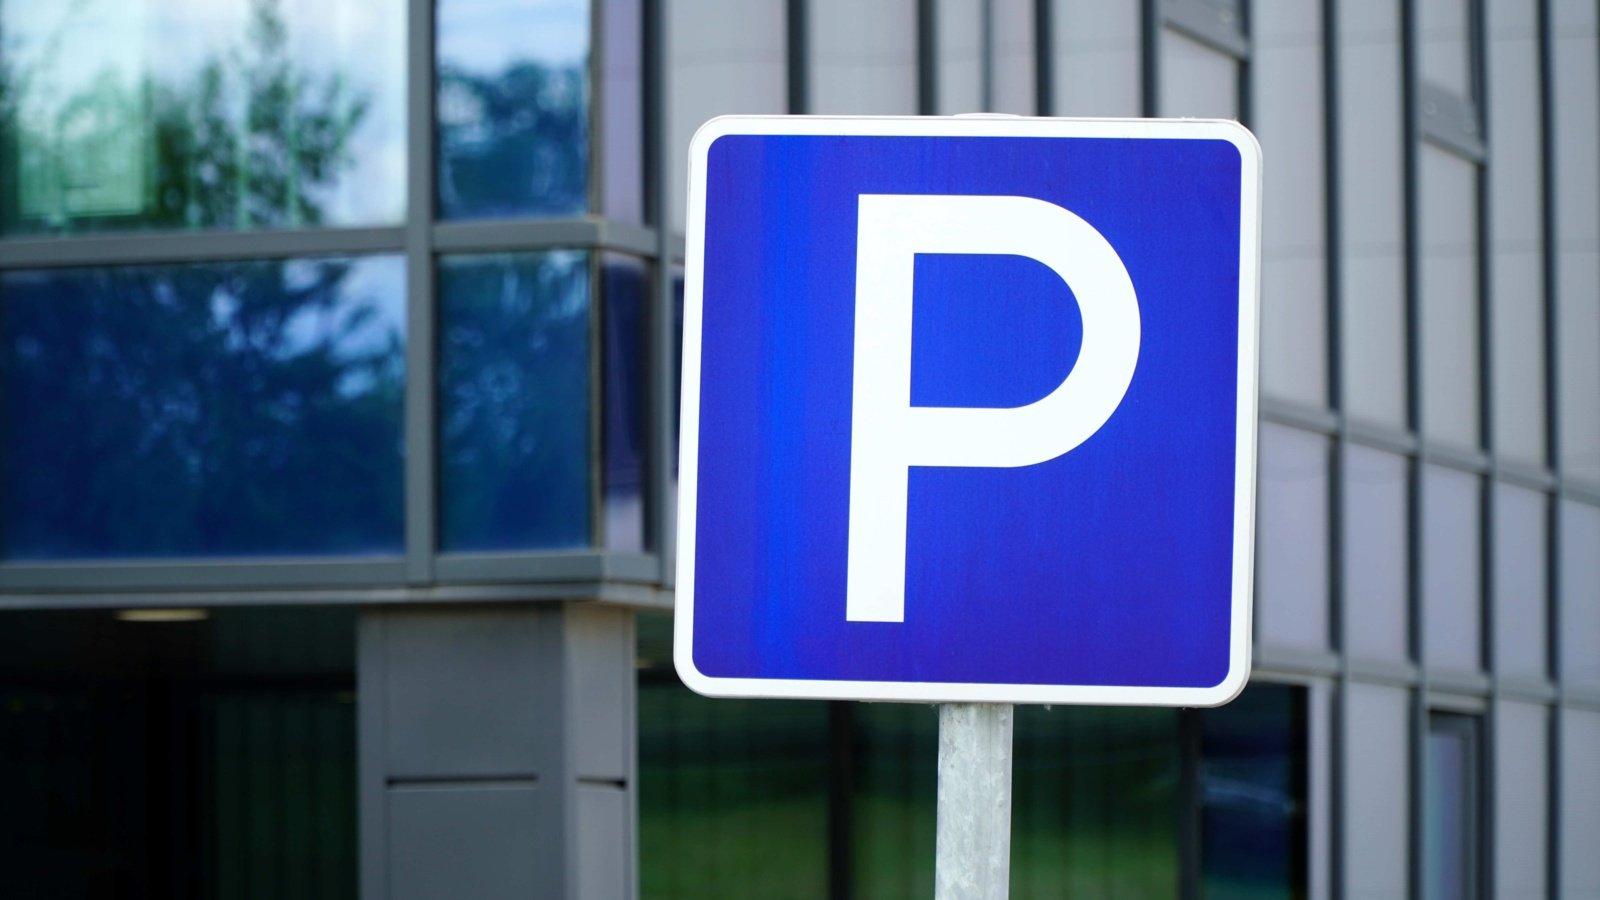 Nuo rugsėjo 16-osios – nemokamas automobilių stovėjimas miesto gatvėse